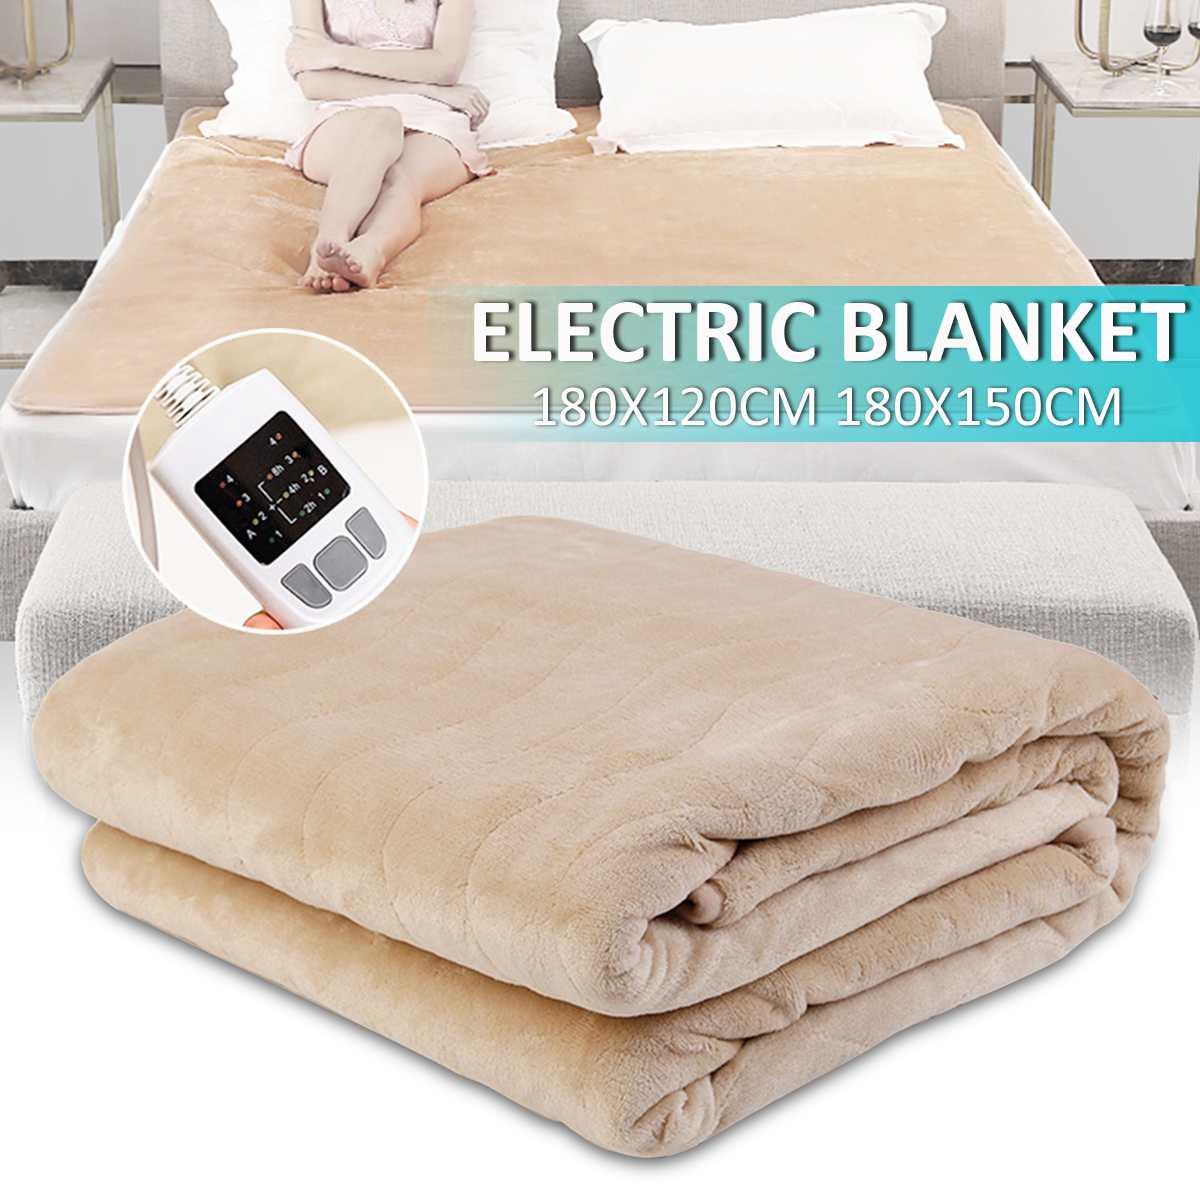 Flanelle couverture chauffante électrique Double Température Contrôleur de Synchronisation Ménage Électrique bloc chauffant Chauffe-Hiver Matelas Tapis